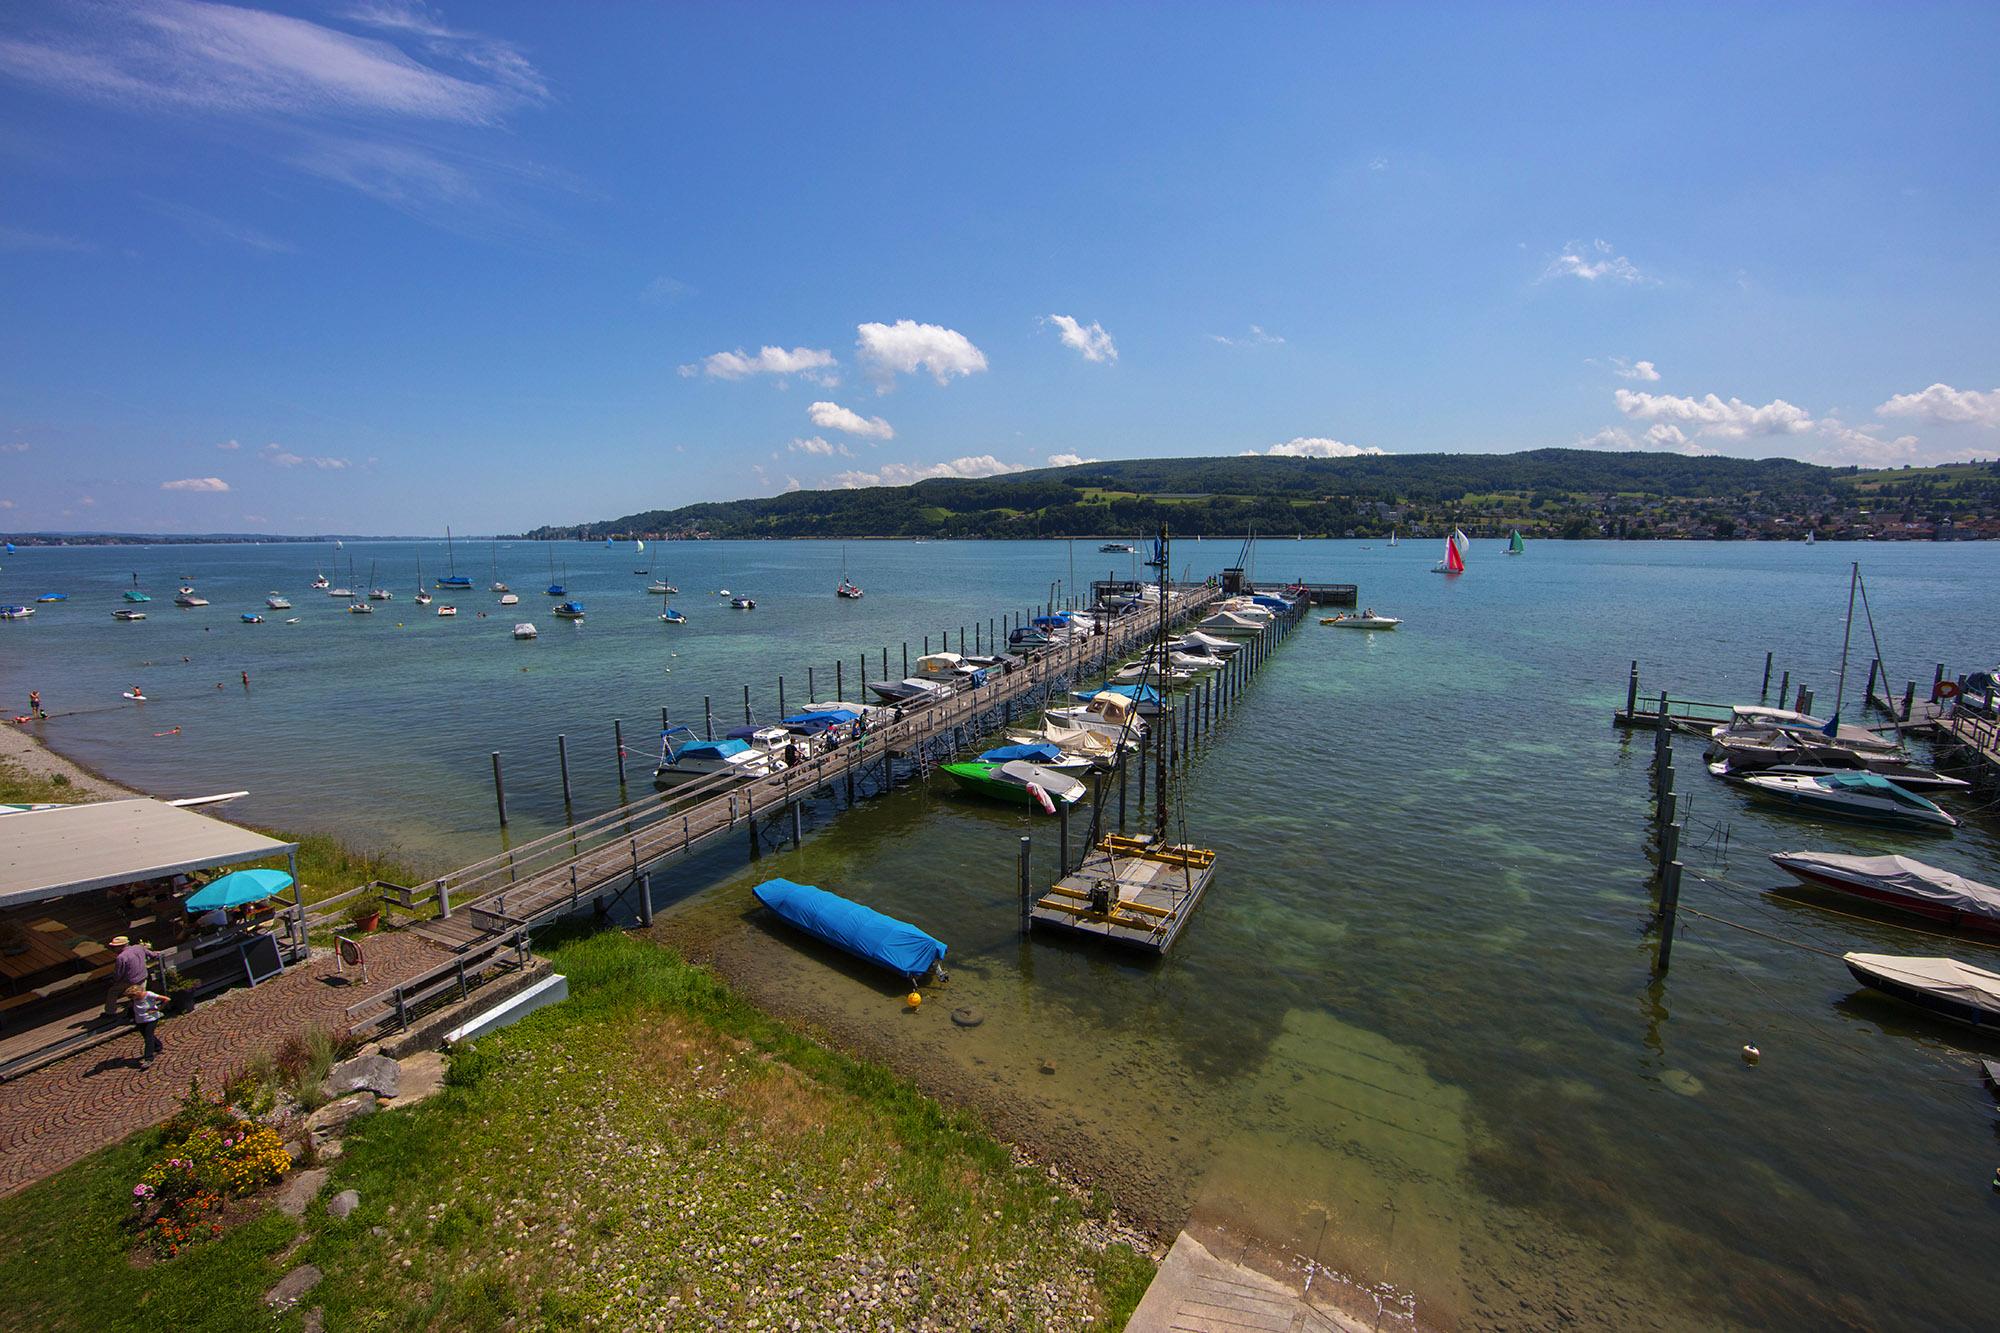 Hafen Gaienhofen